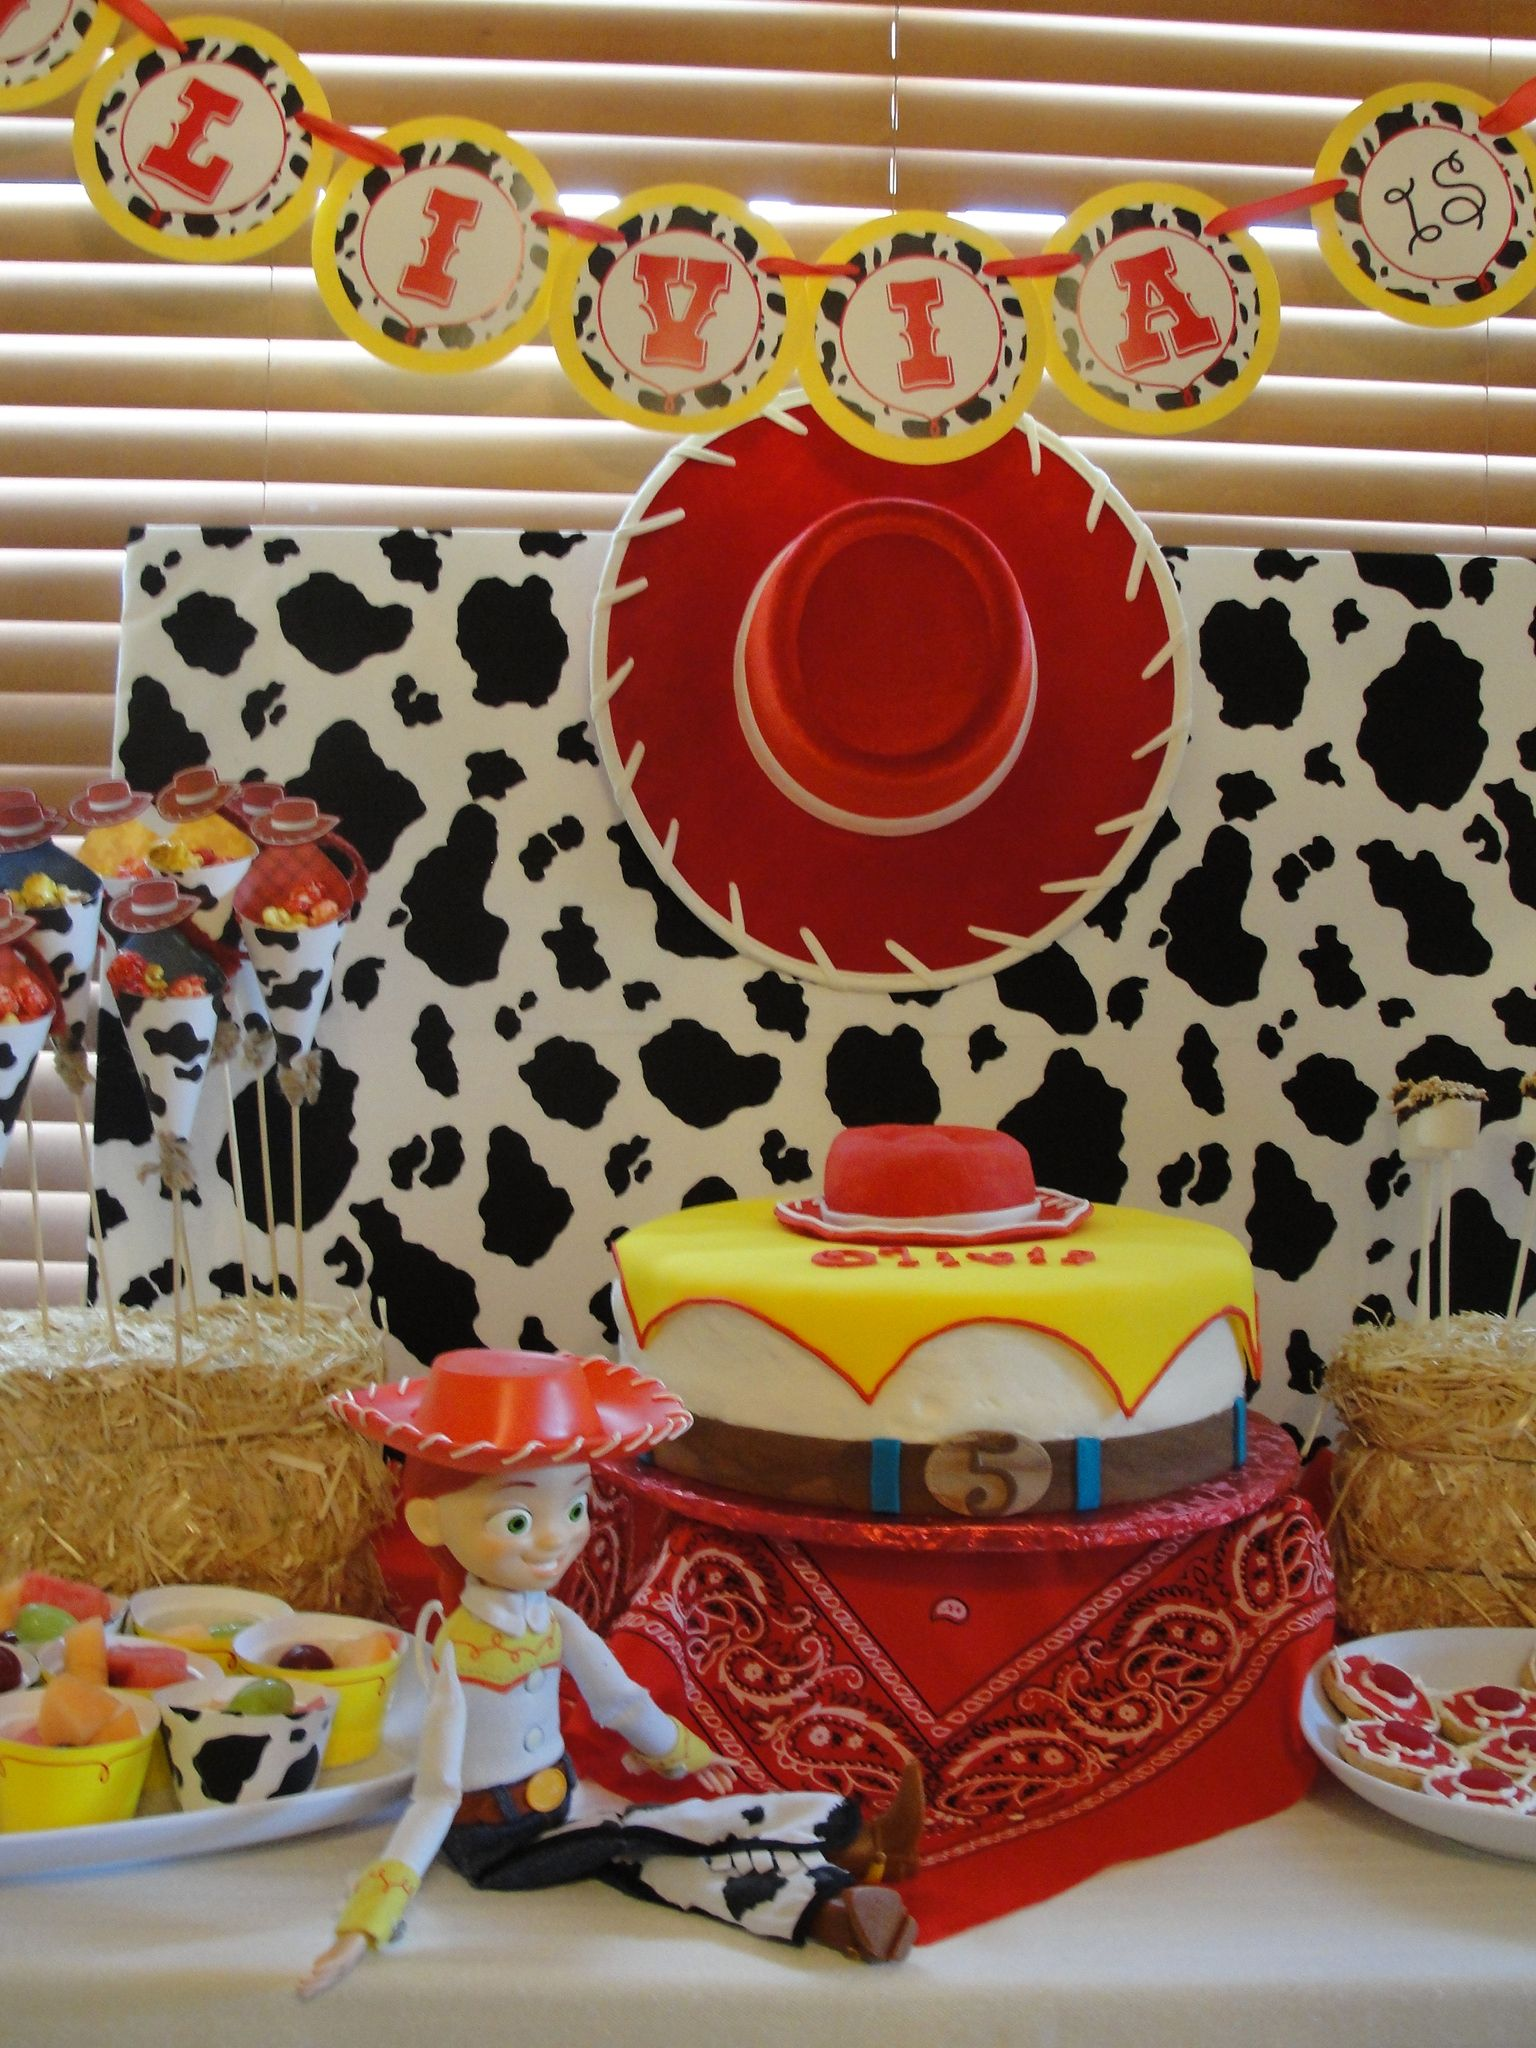 Jessie Toy Story Birthday Party Ideas Jessie Toy Story Toy